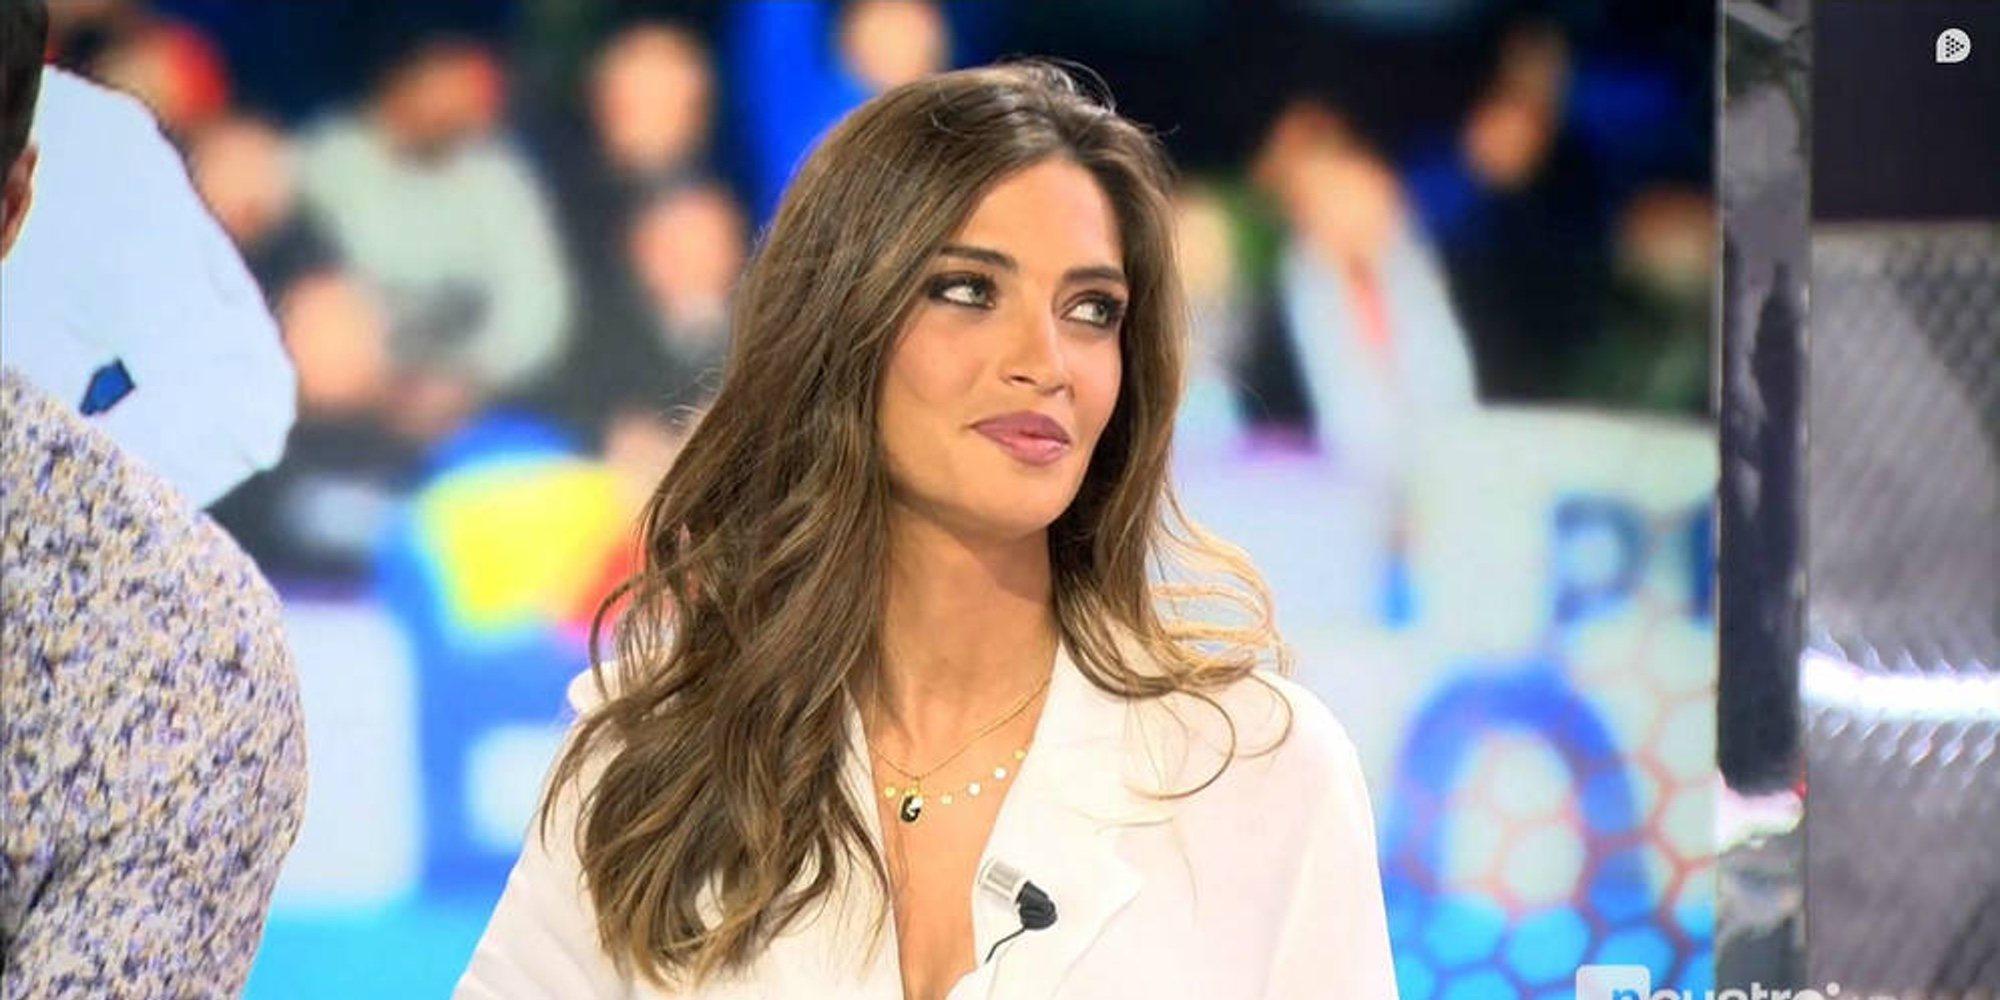 Sara Carbonero vuelve a la televisión sin nervios y tan profesional como siempre